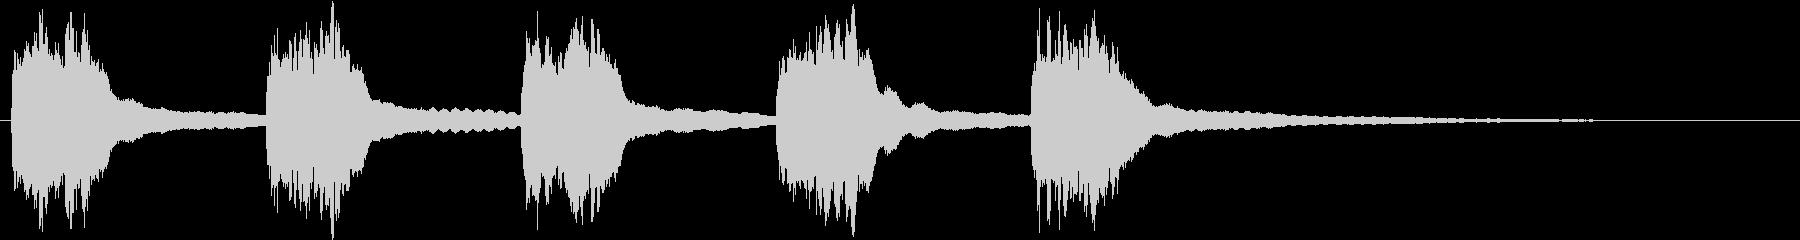 黒電話 着信音01-2の未再生の波形